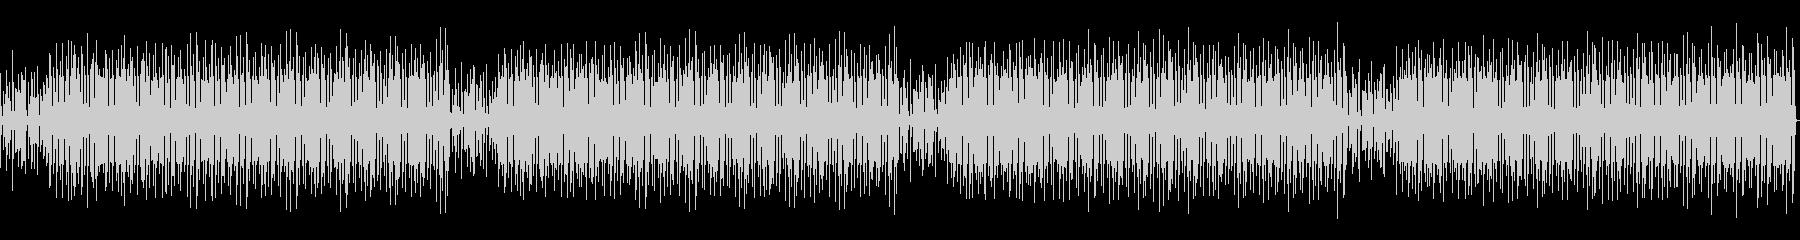 音声を邪魔しないエモいトークBGMの未再生の波形